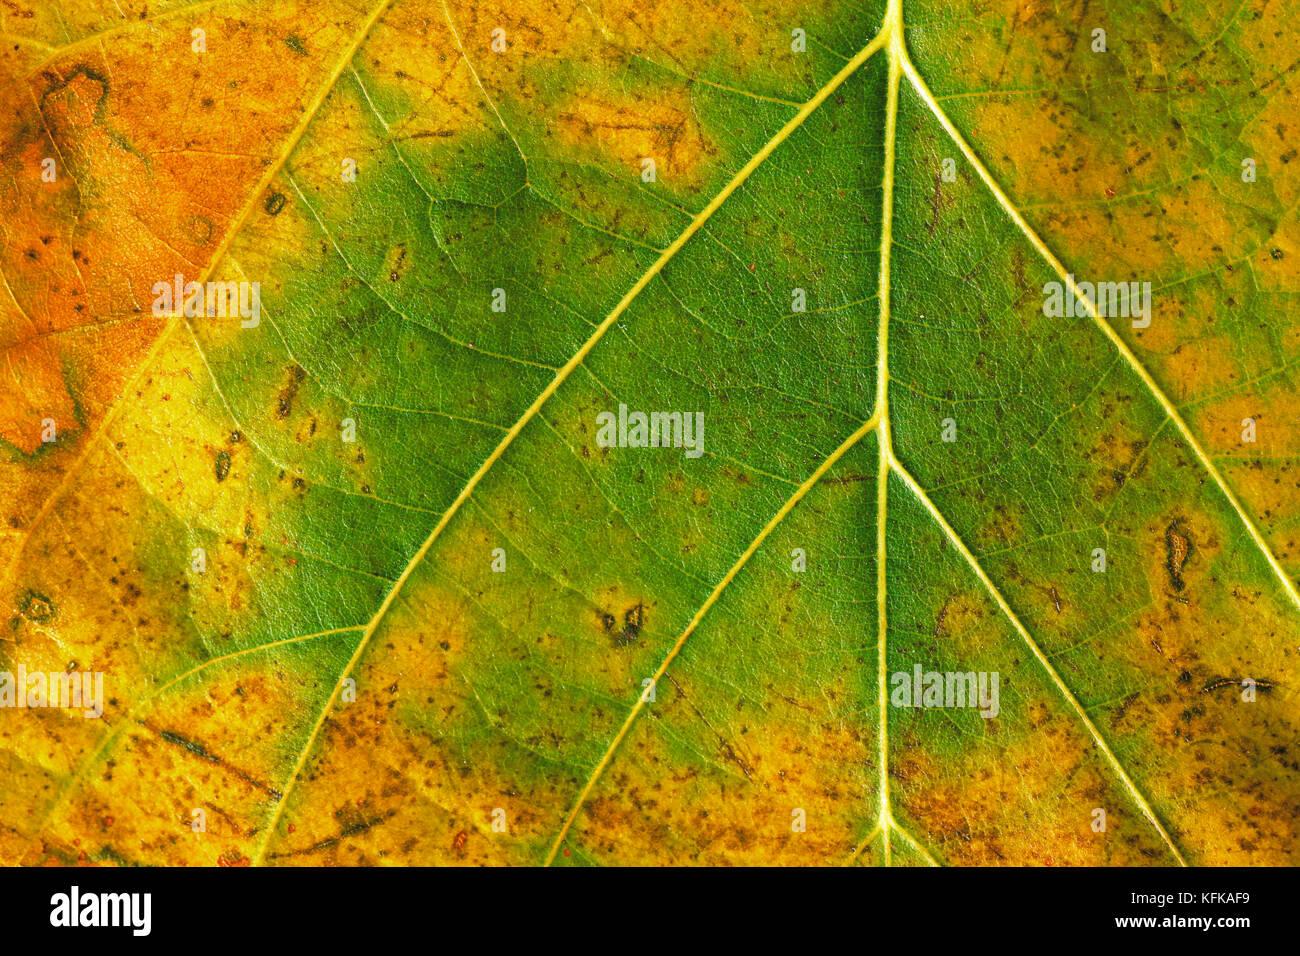 Textur eines grünen und gelben Herbst Blatt Stockfoto